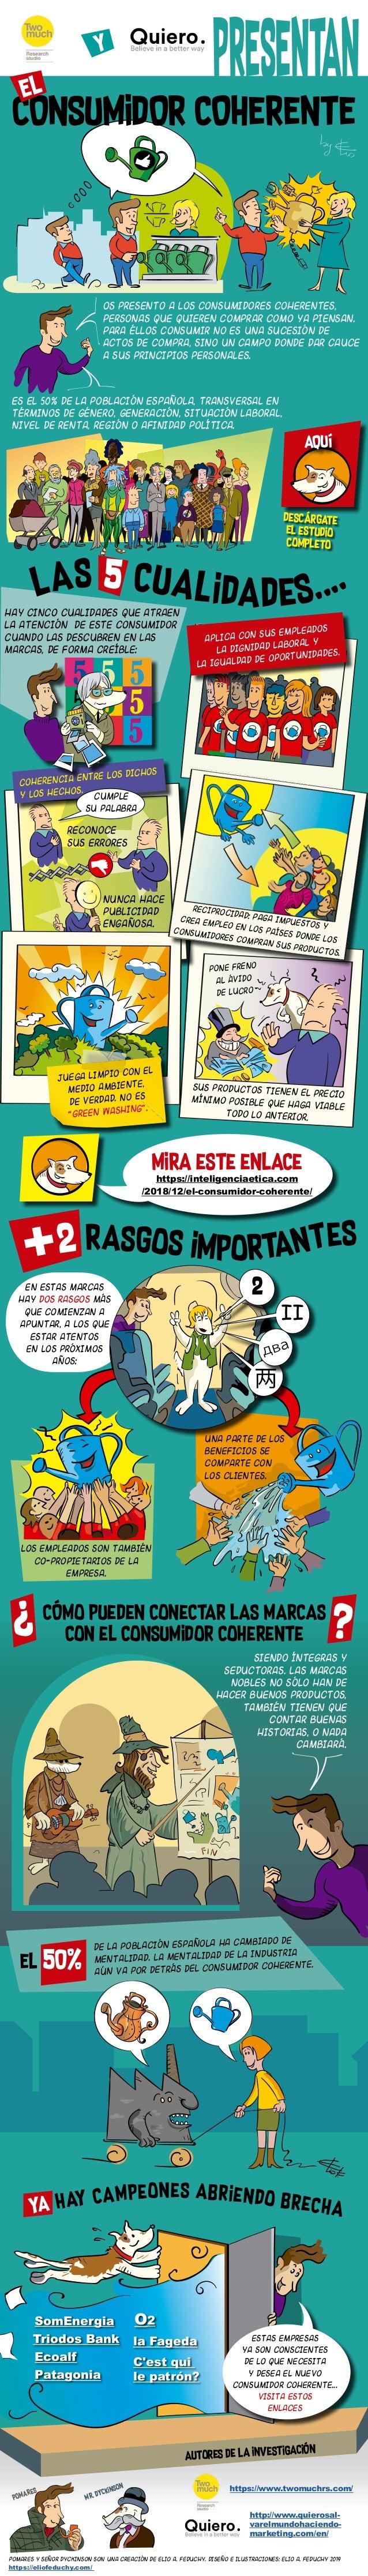 Mira este enlace https://inteligenciaetica.com /2018/12/el-consumidor-coherente/ Patagonia O2SomEnergia Autores de la inve...